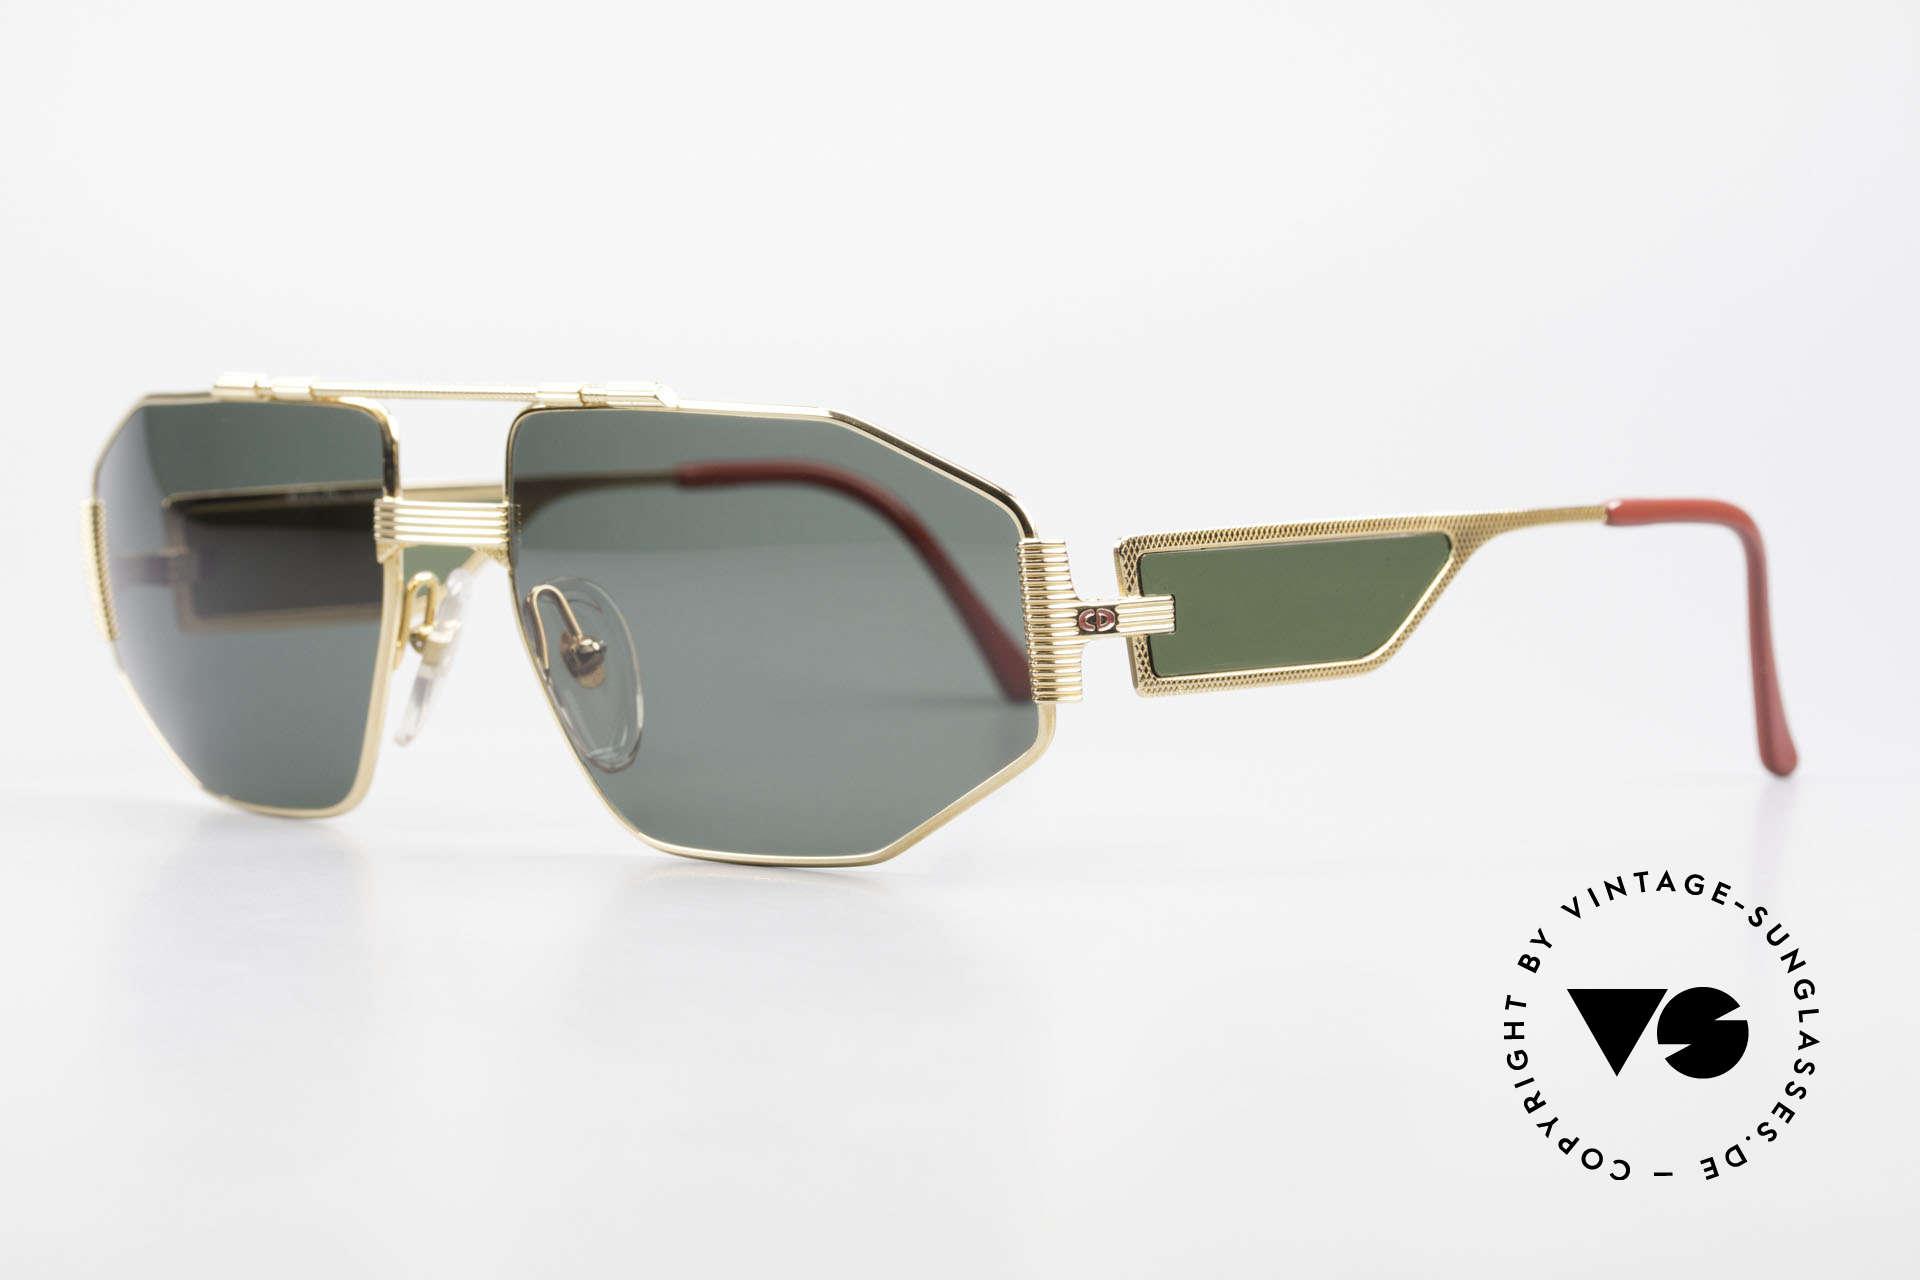 Christian Dior 2427 Monsieur Sonnenbrille 80er, Luxus-Sonnenbrille; die Fassung ist voll vergoldet, Passend für Herren